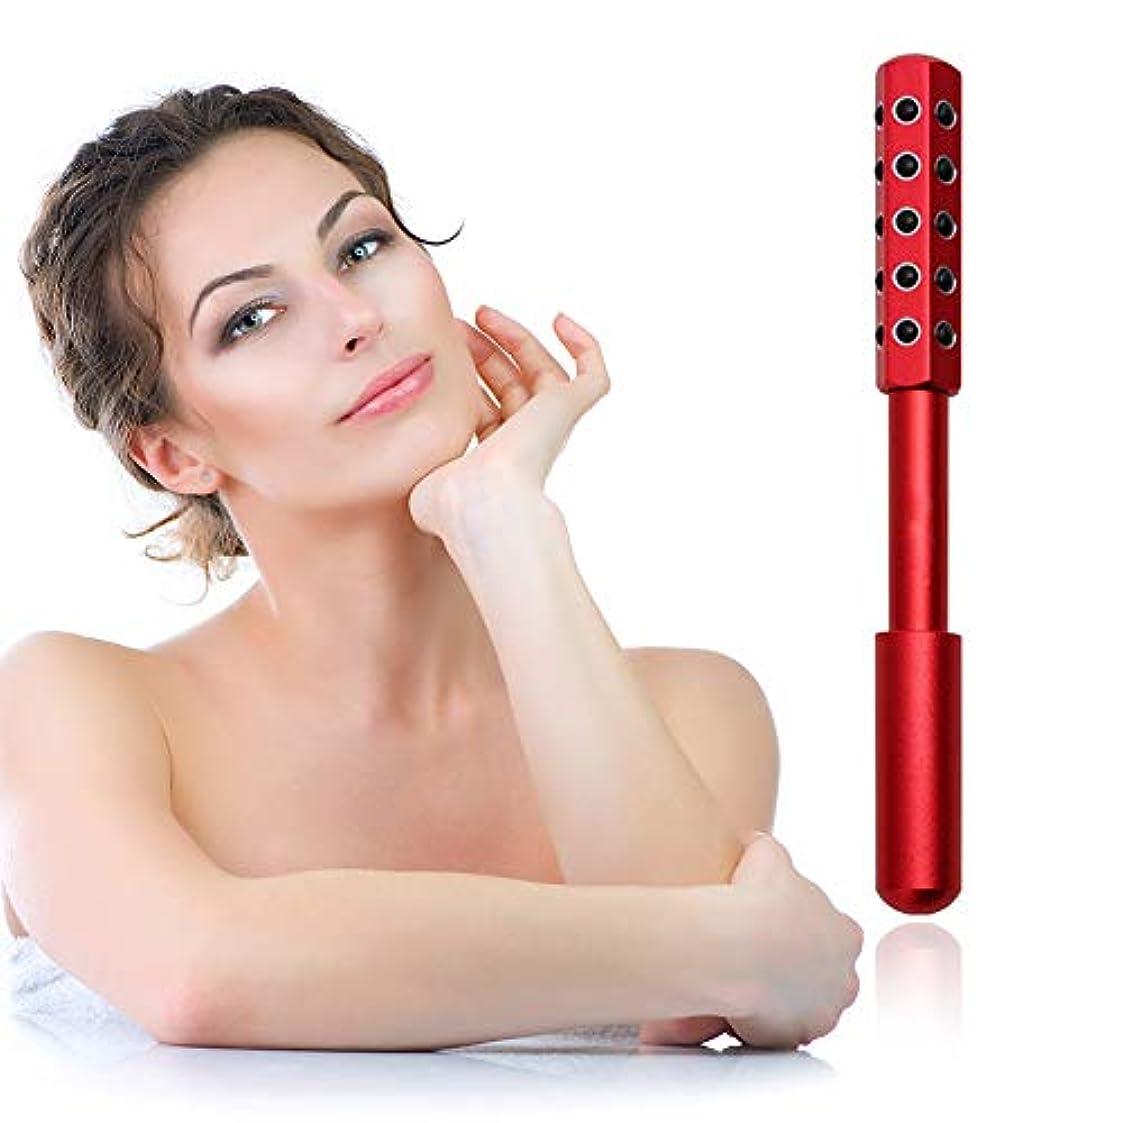 永続どっち同封する顔と体のためのゲルマニウムマッサージ美容ローラーは、血液の循環を促進し、皮膚の引き締め、毒素、皮膚の抗しわをクリア